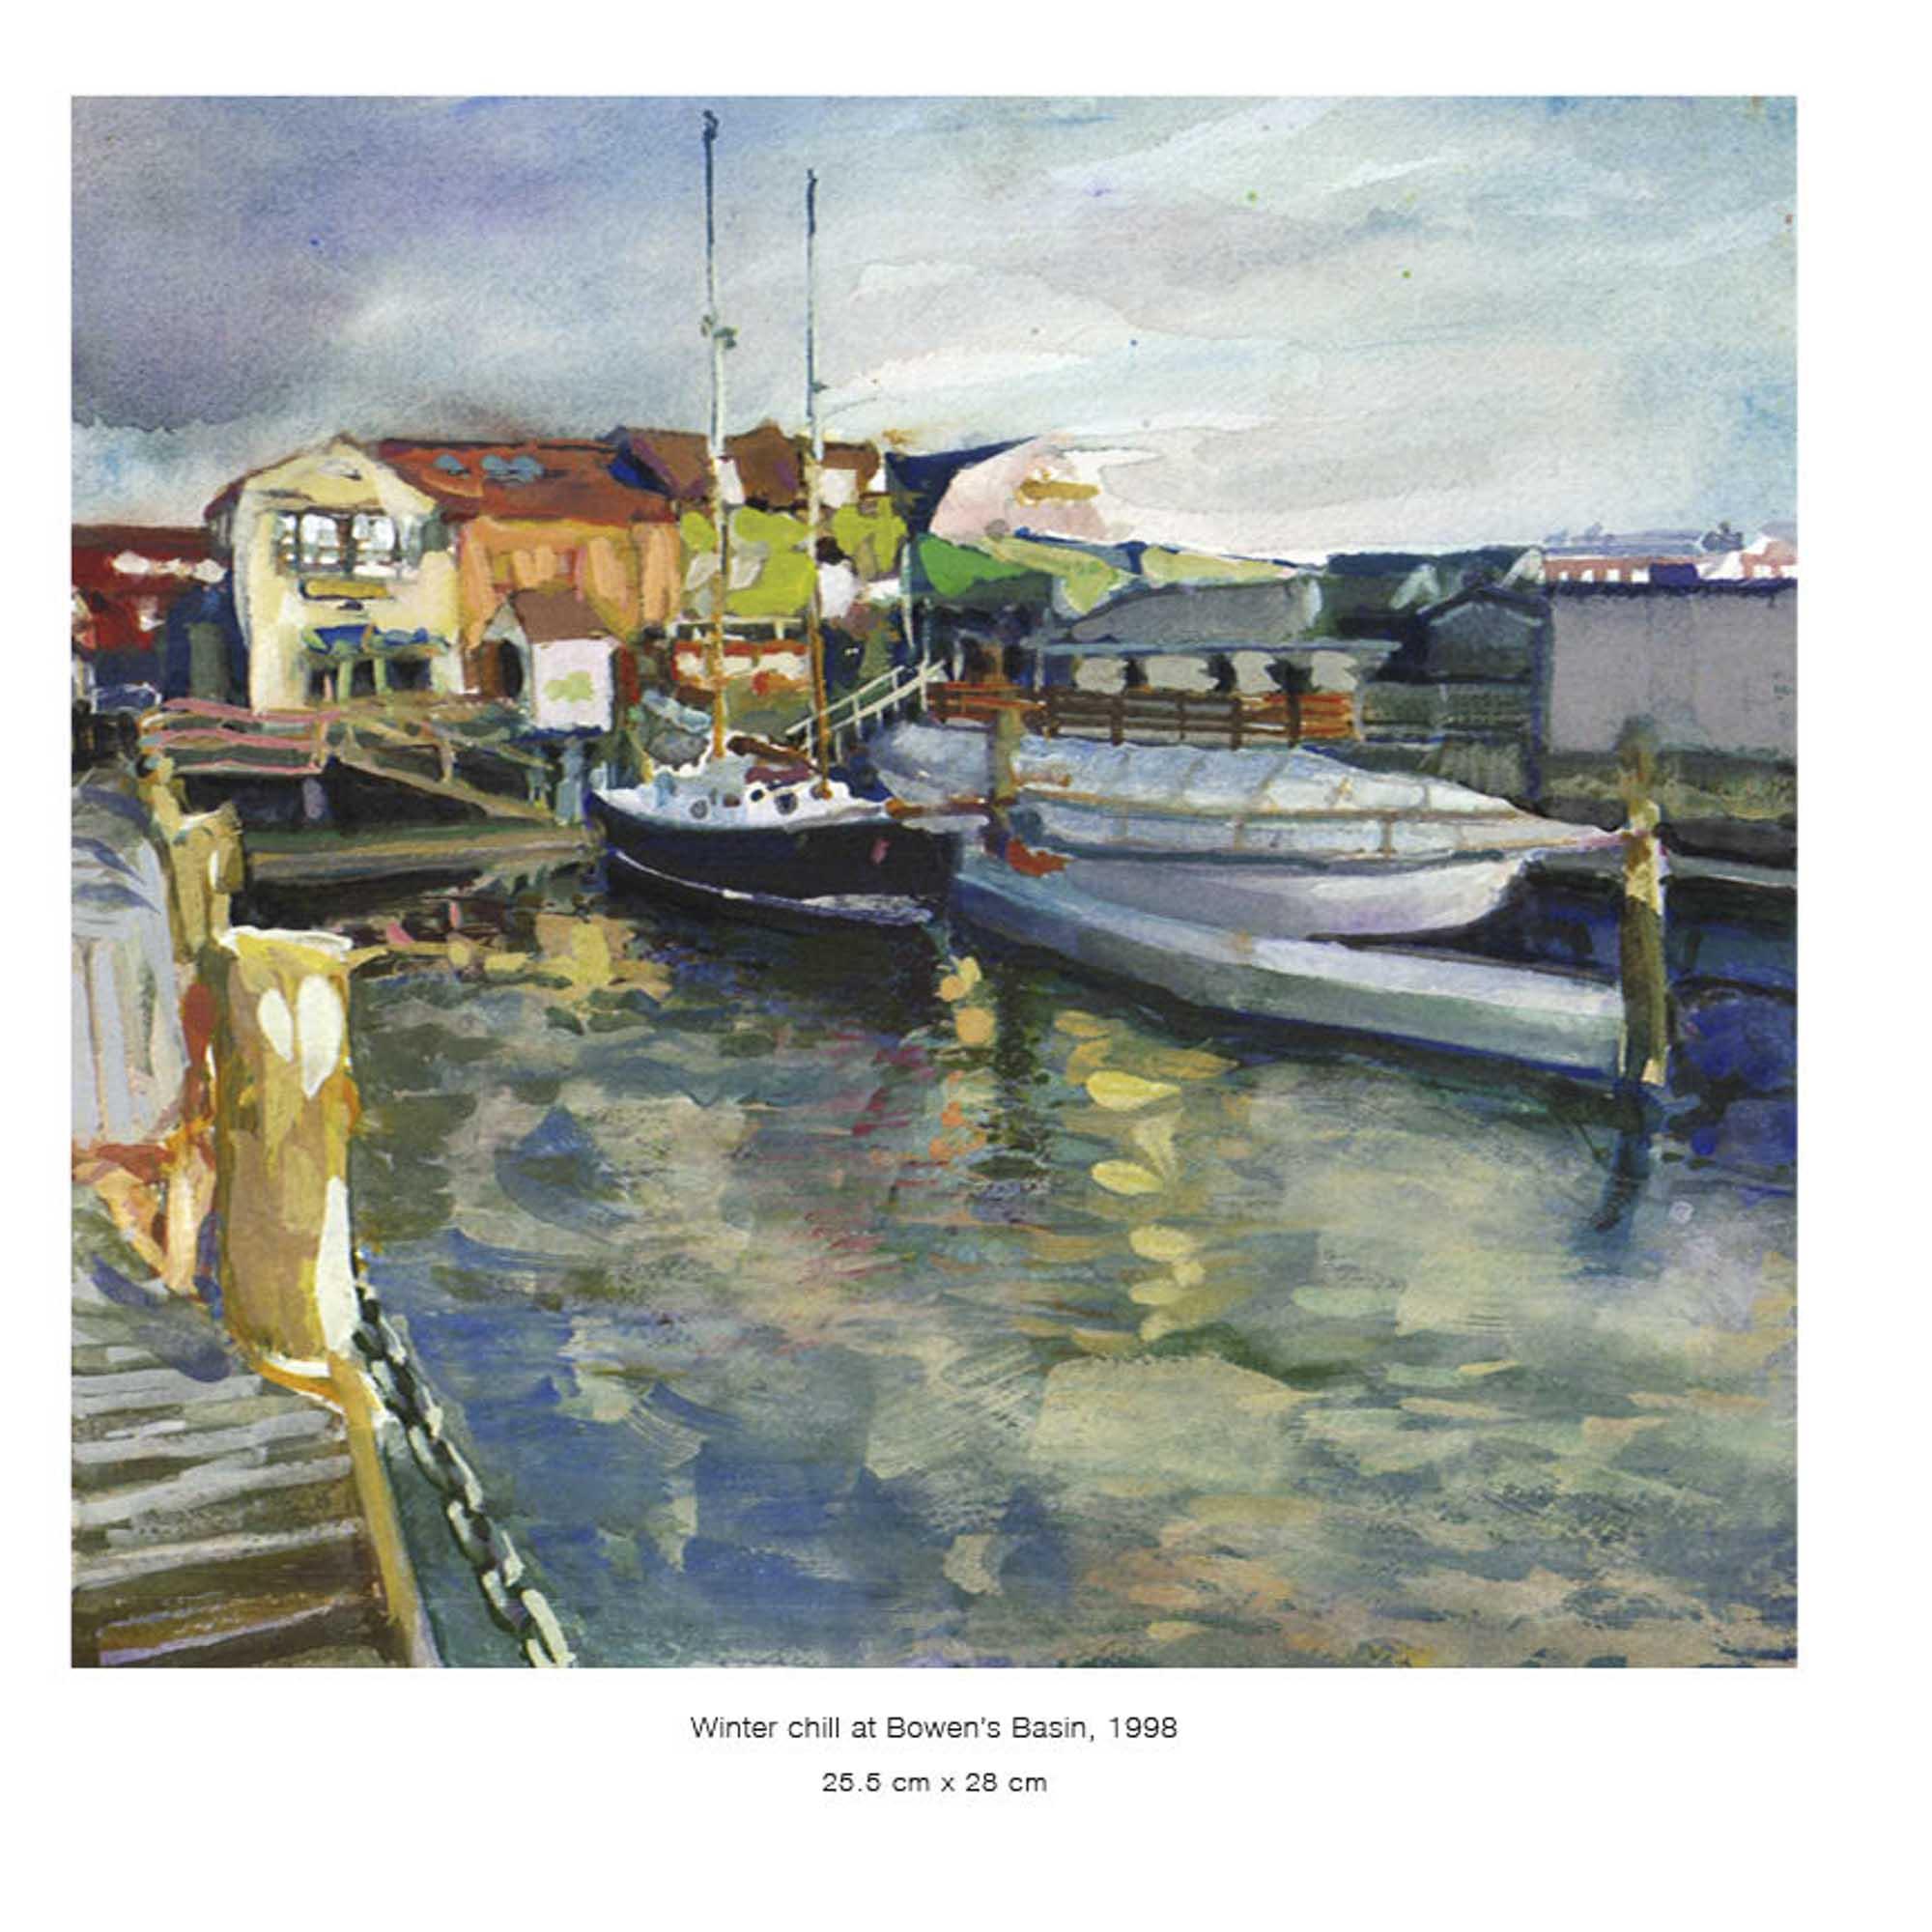 Book 1 - Watercolors8.jpg